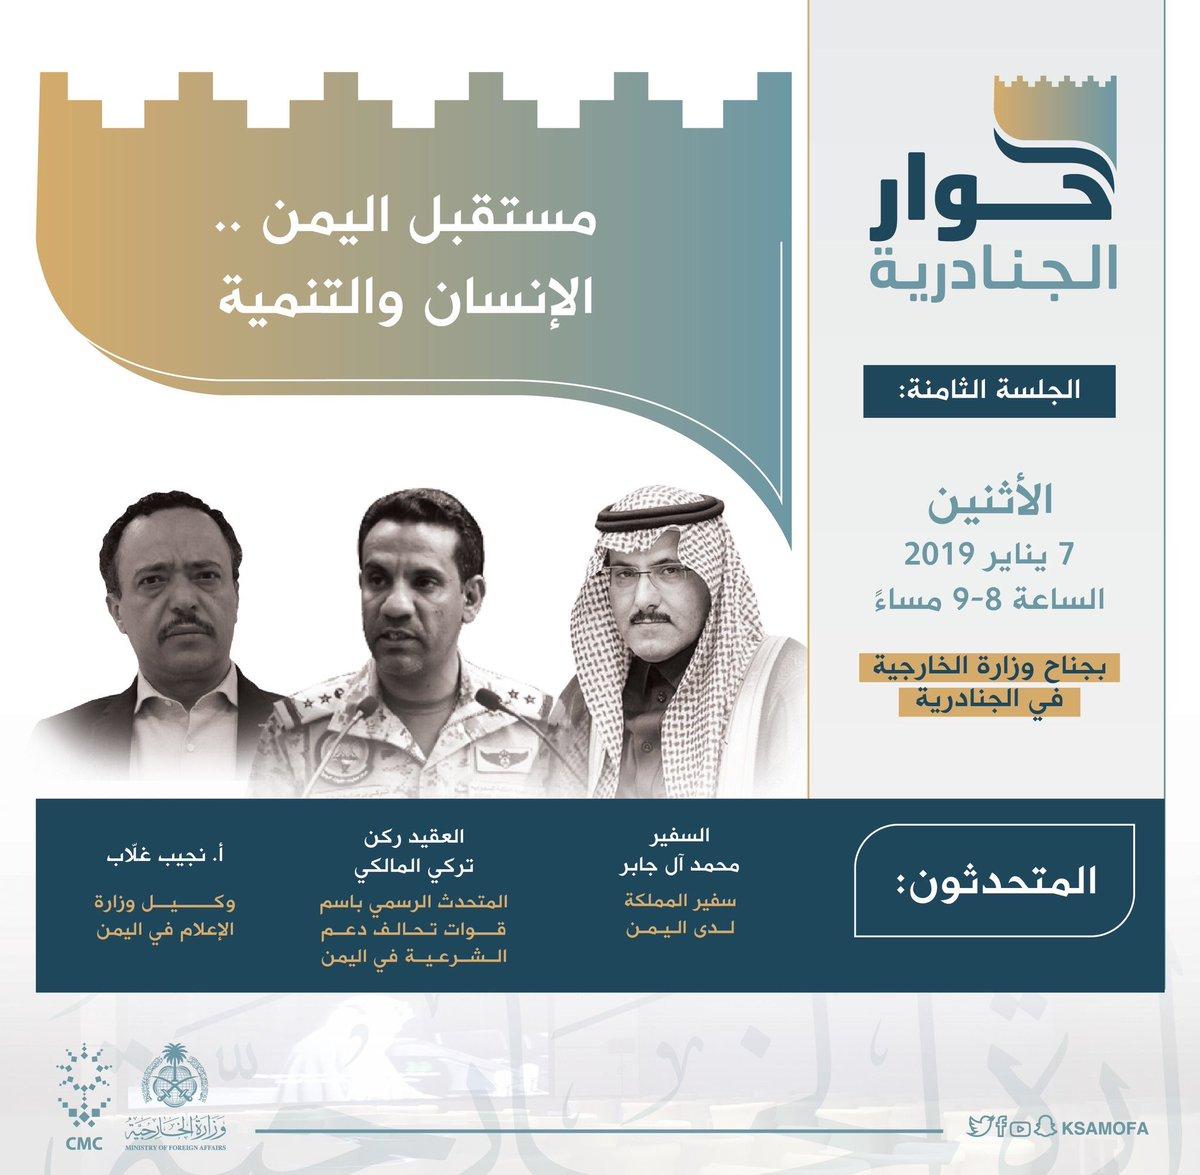 جلسة حوارية بشأن اليمن في جناح الخارجية بالجنادرية